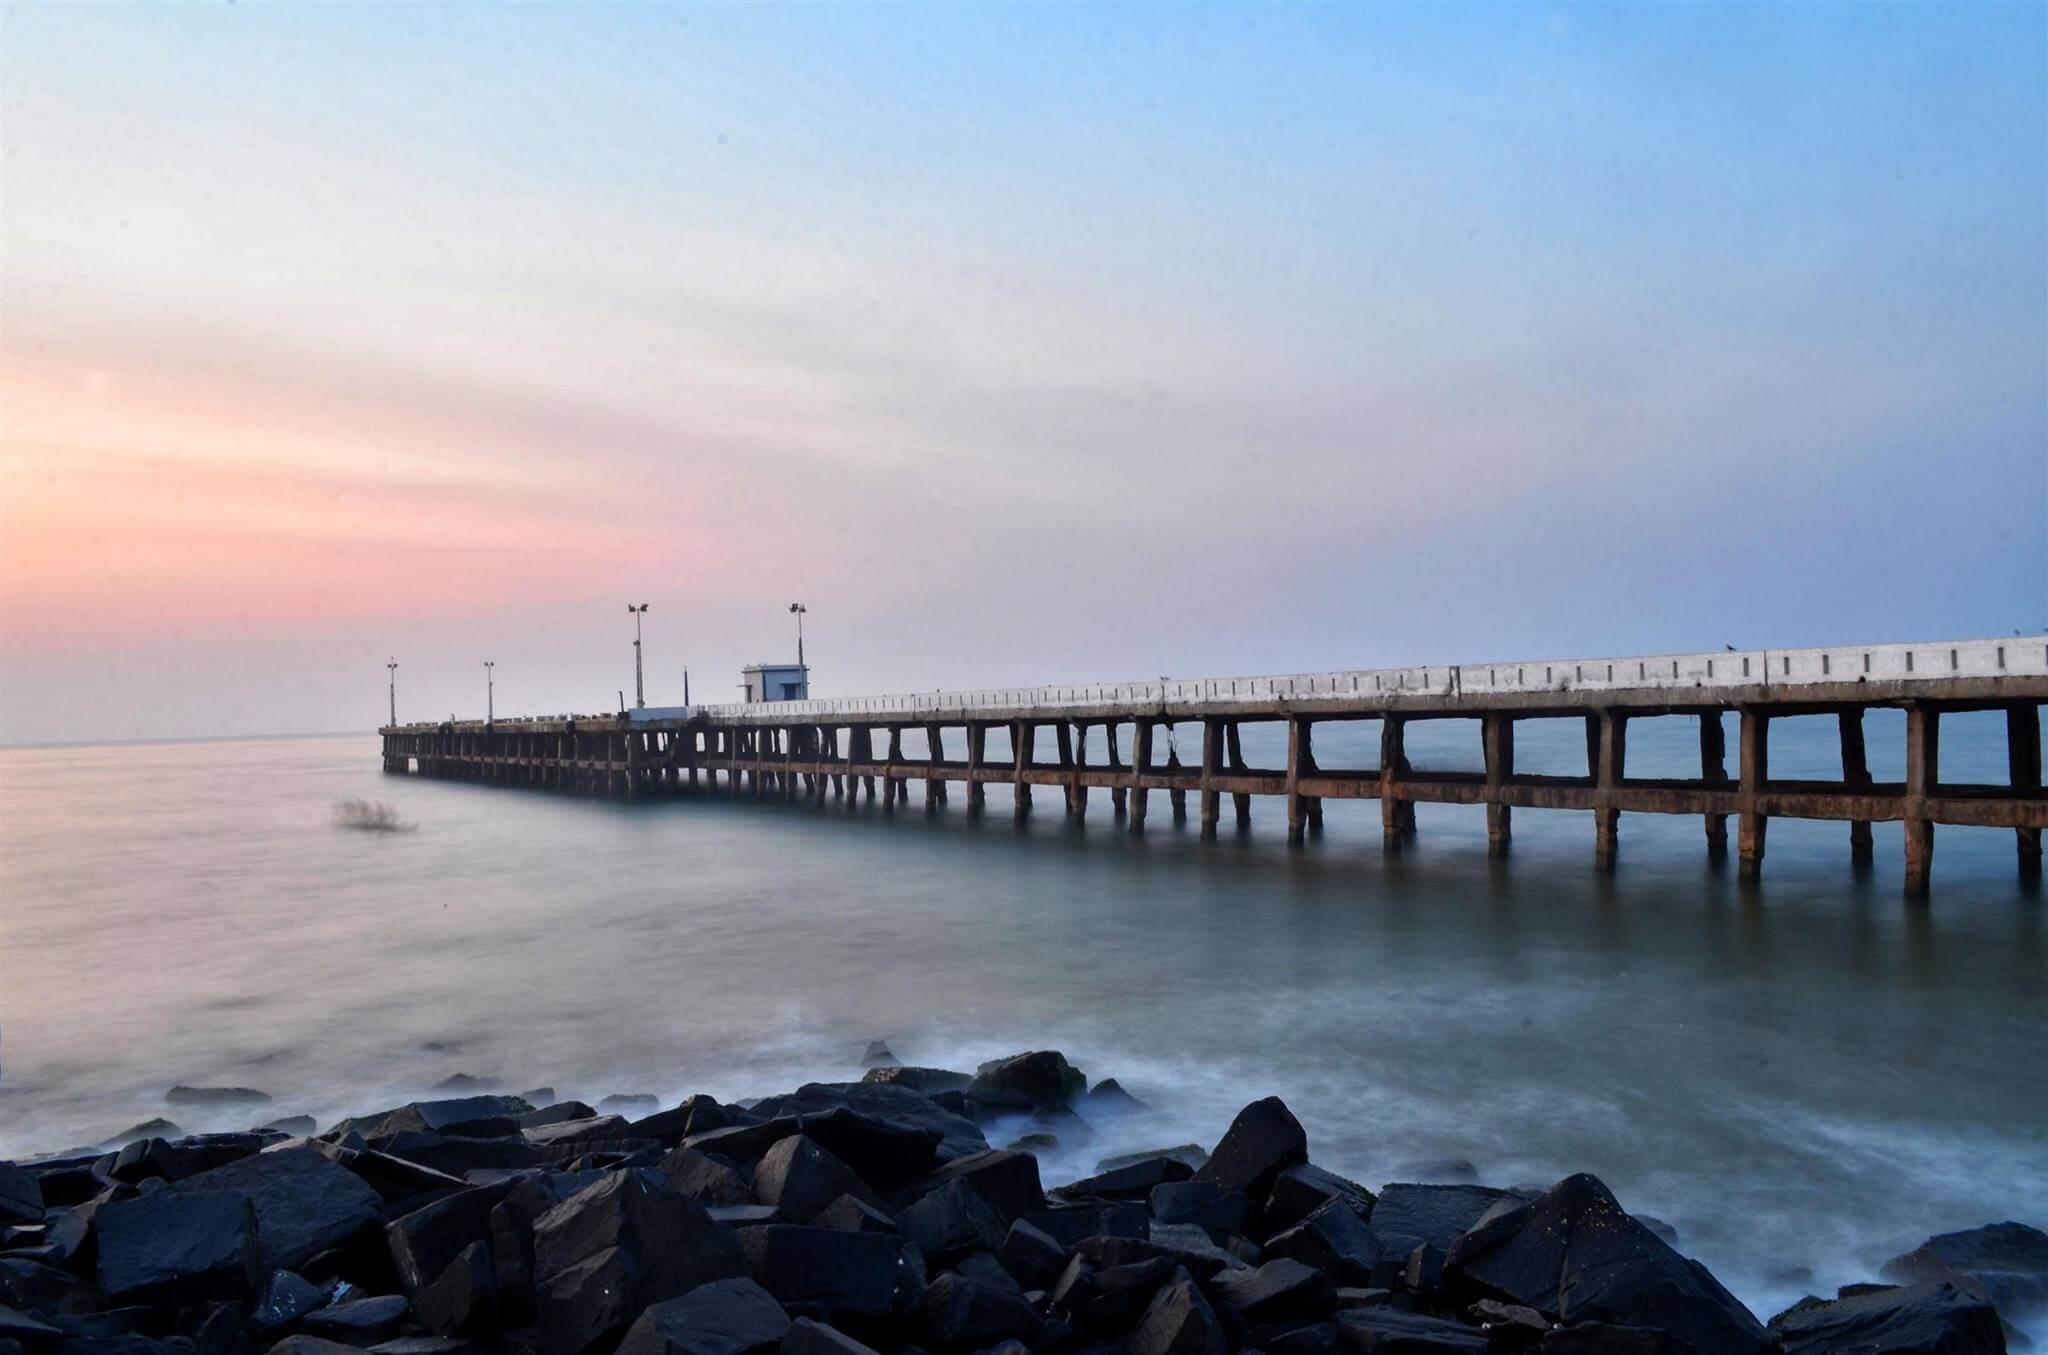 Pondicherry beach harbor subset